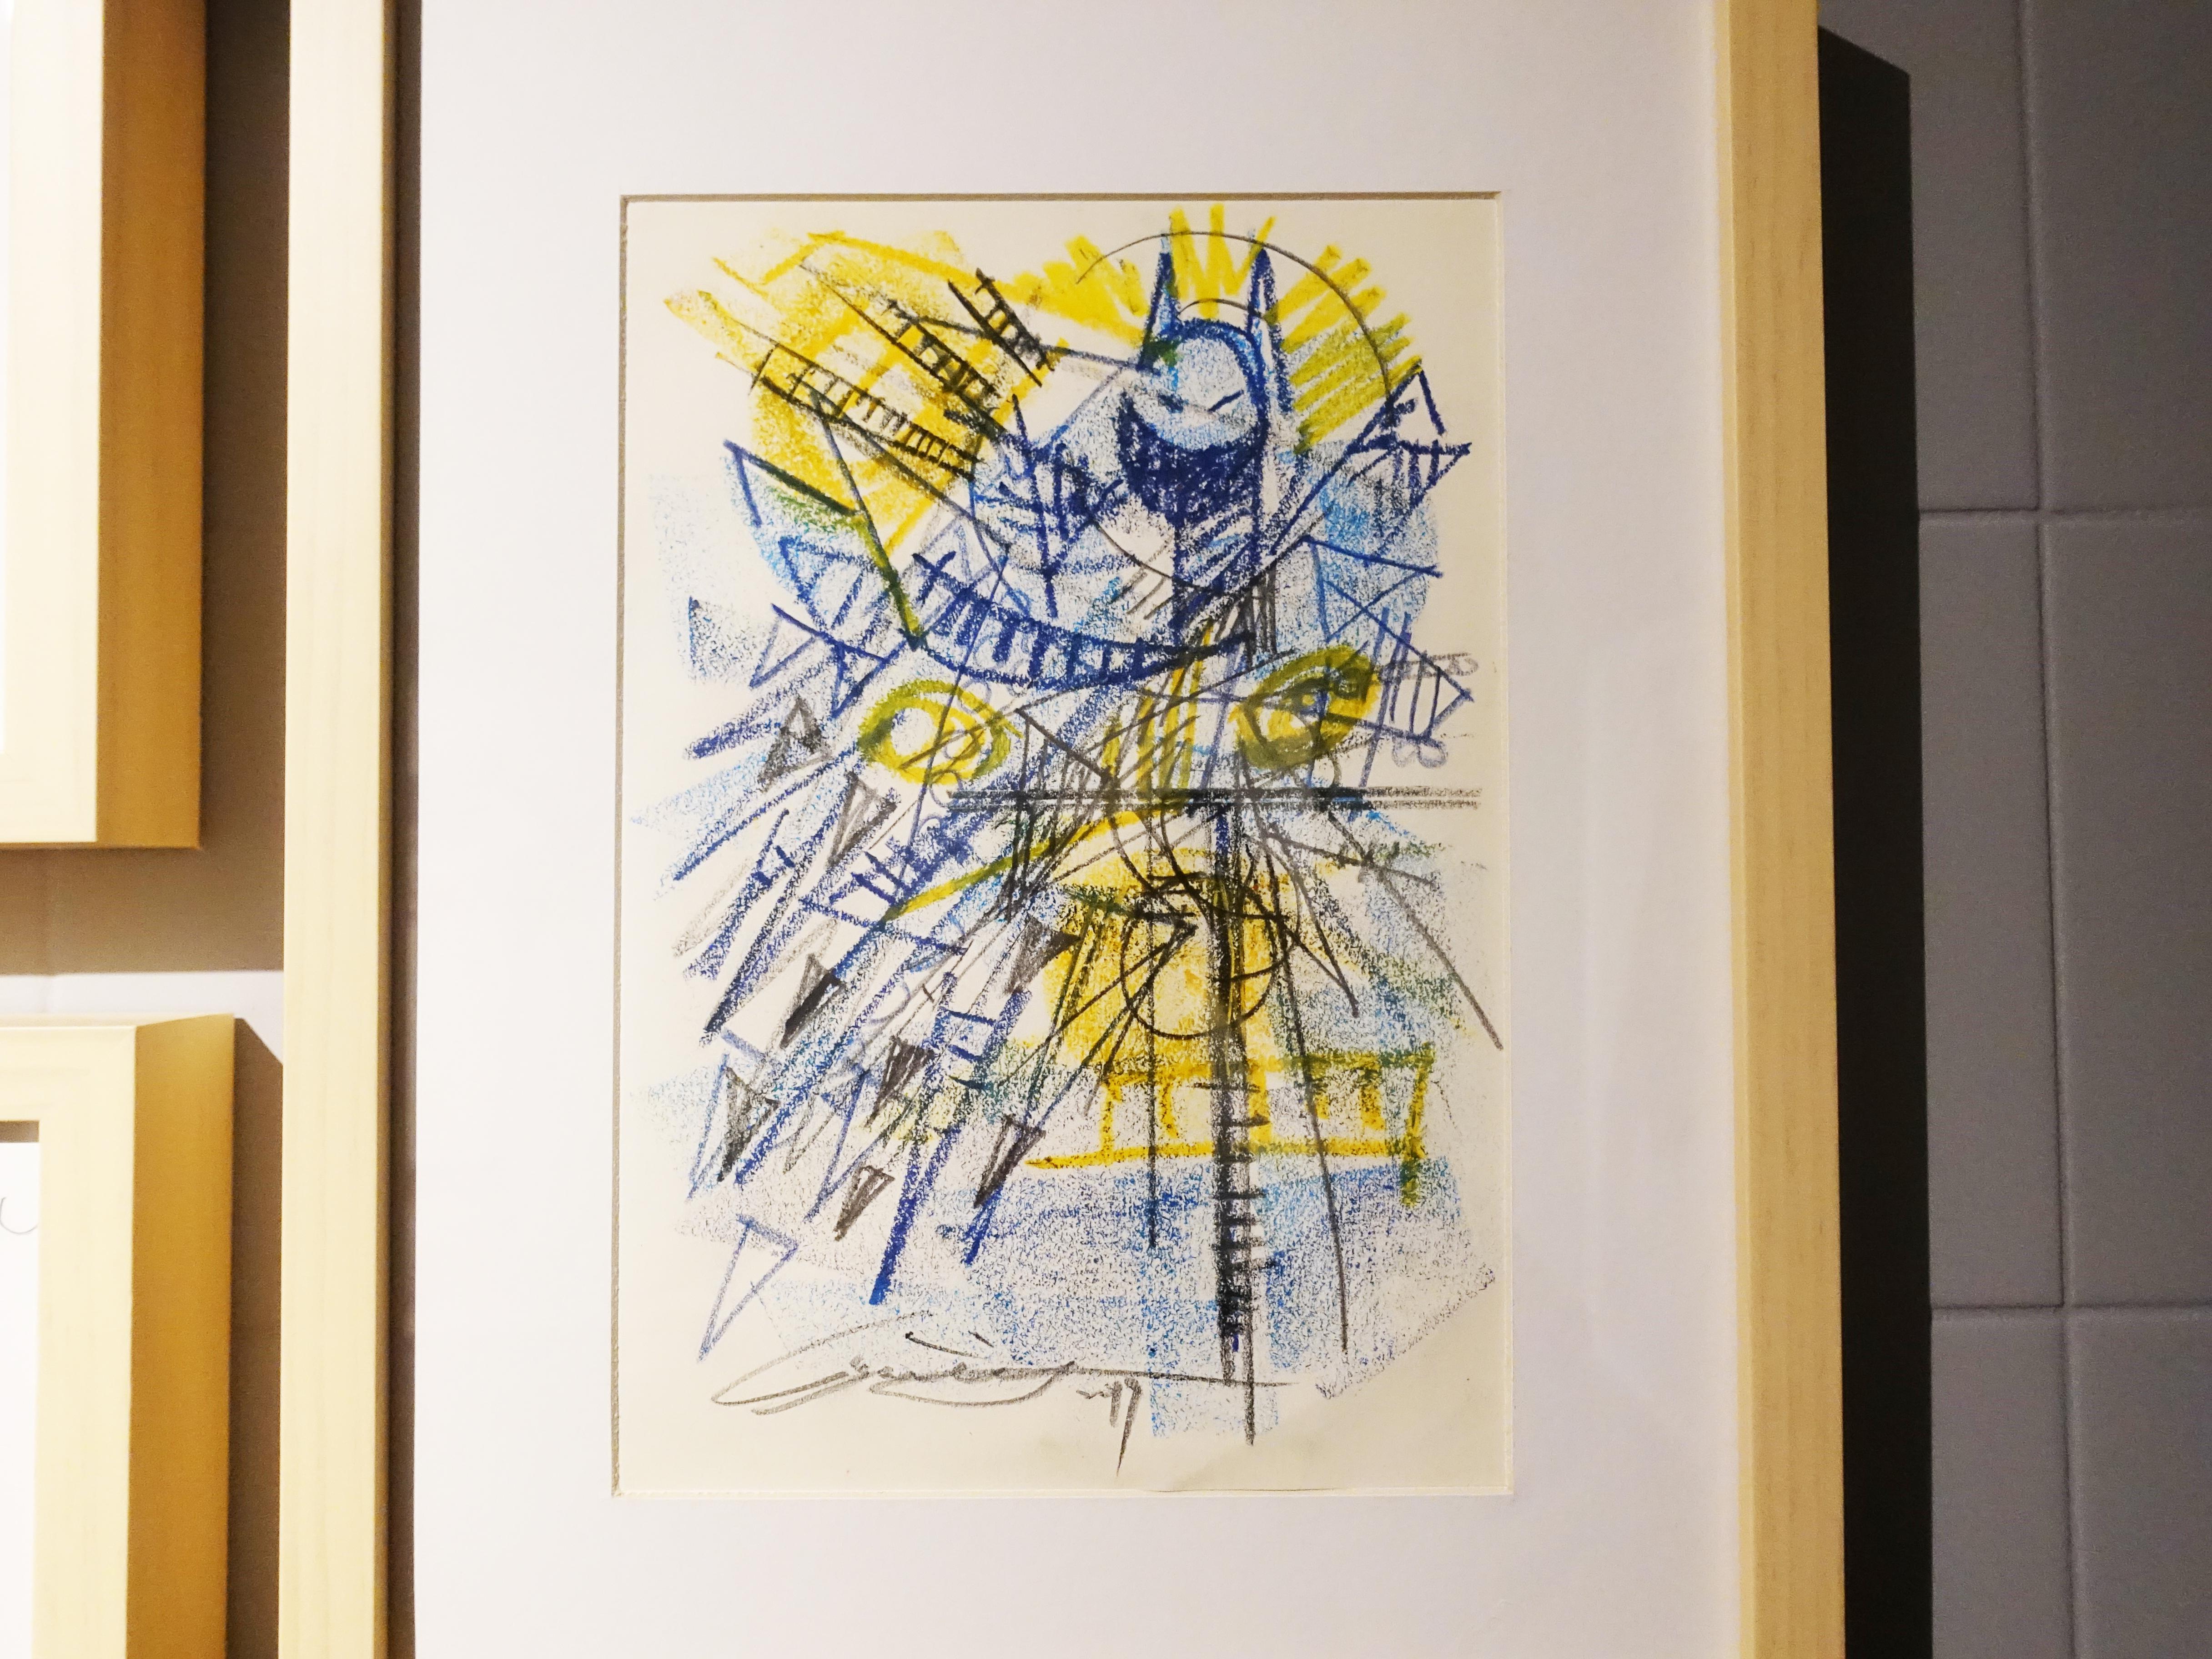 雷相畫廊展出藝術家林俊良草稿系列作品。